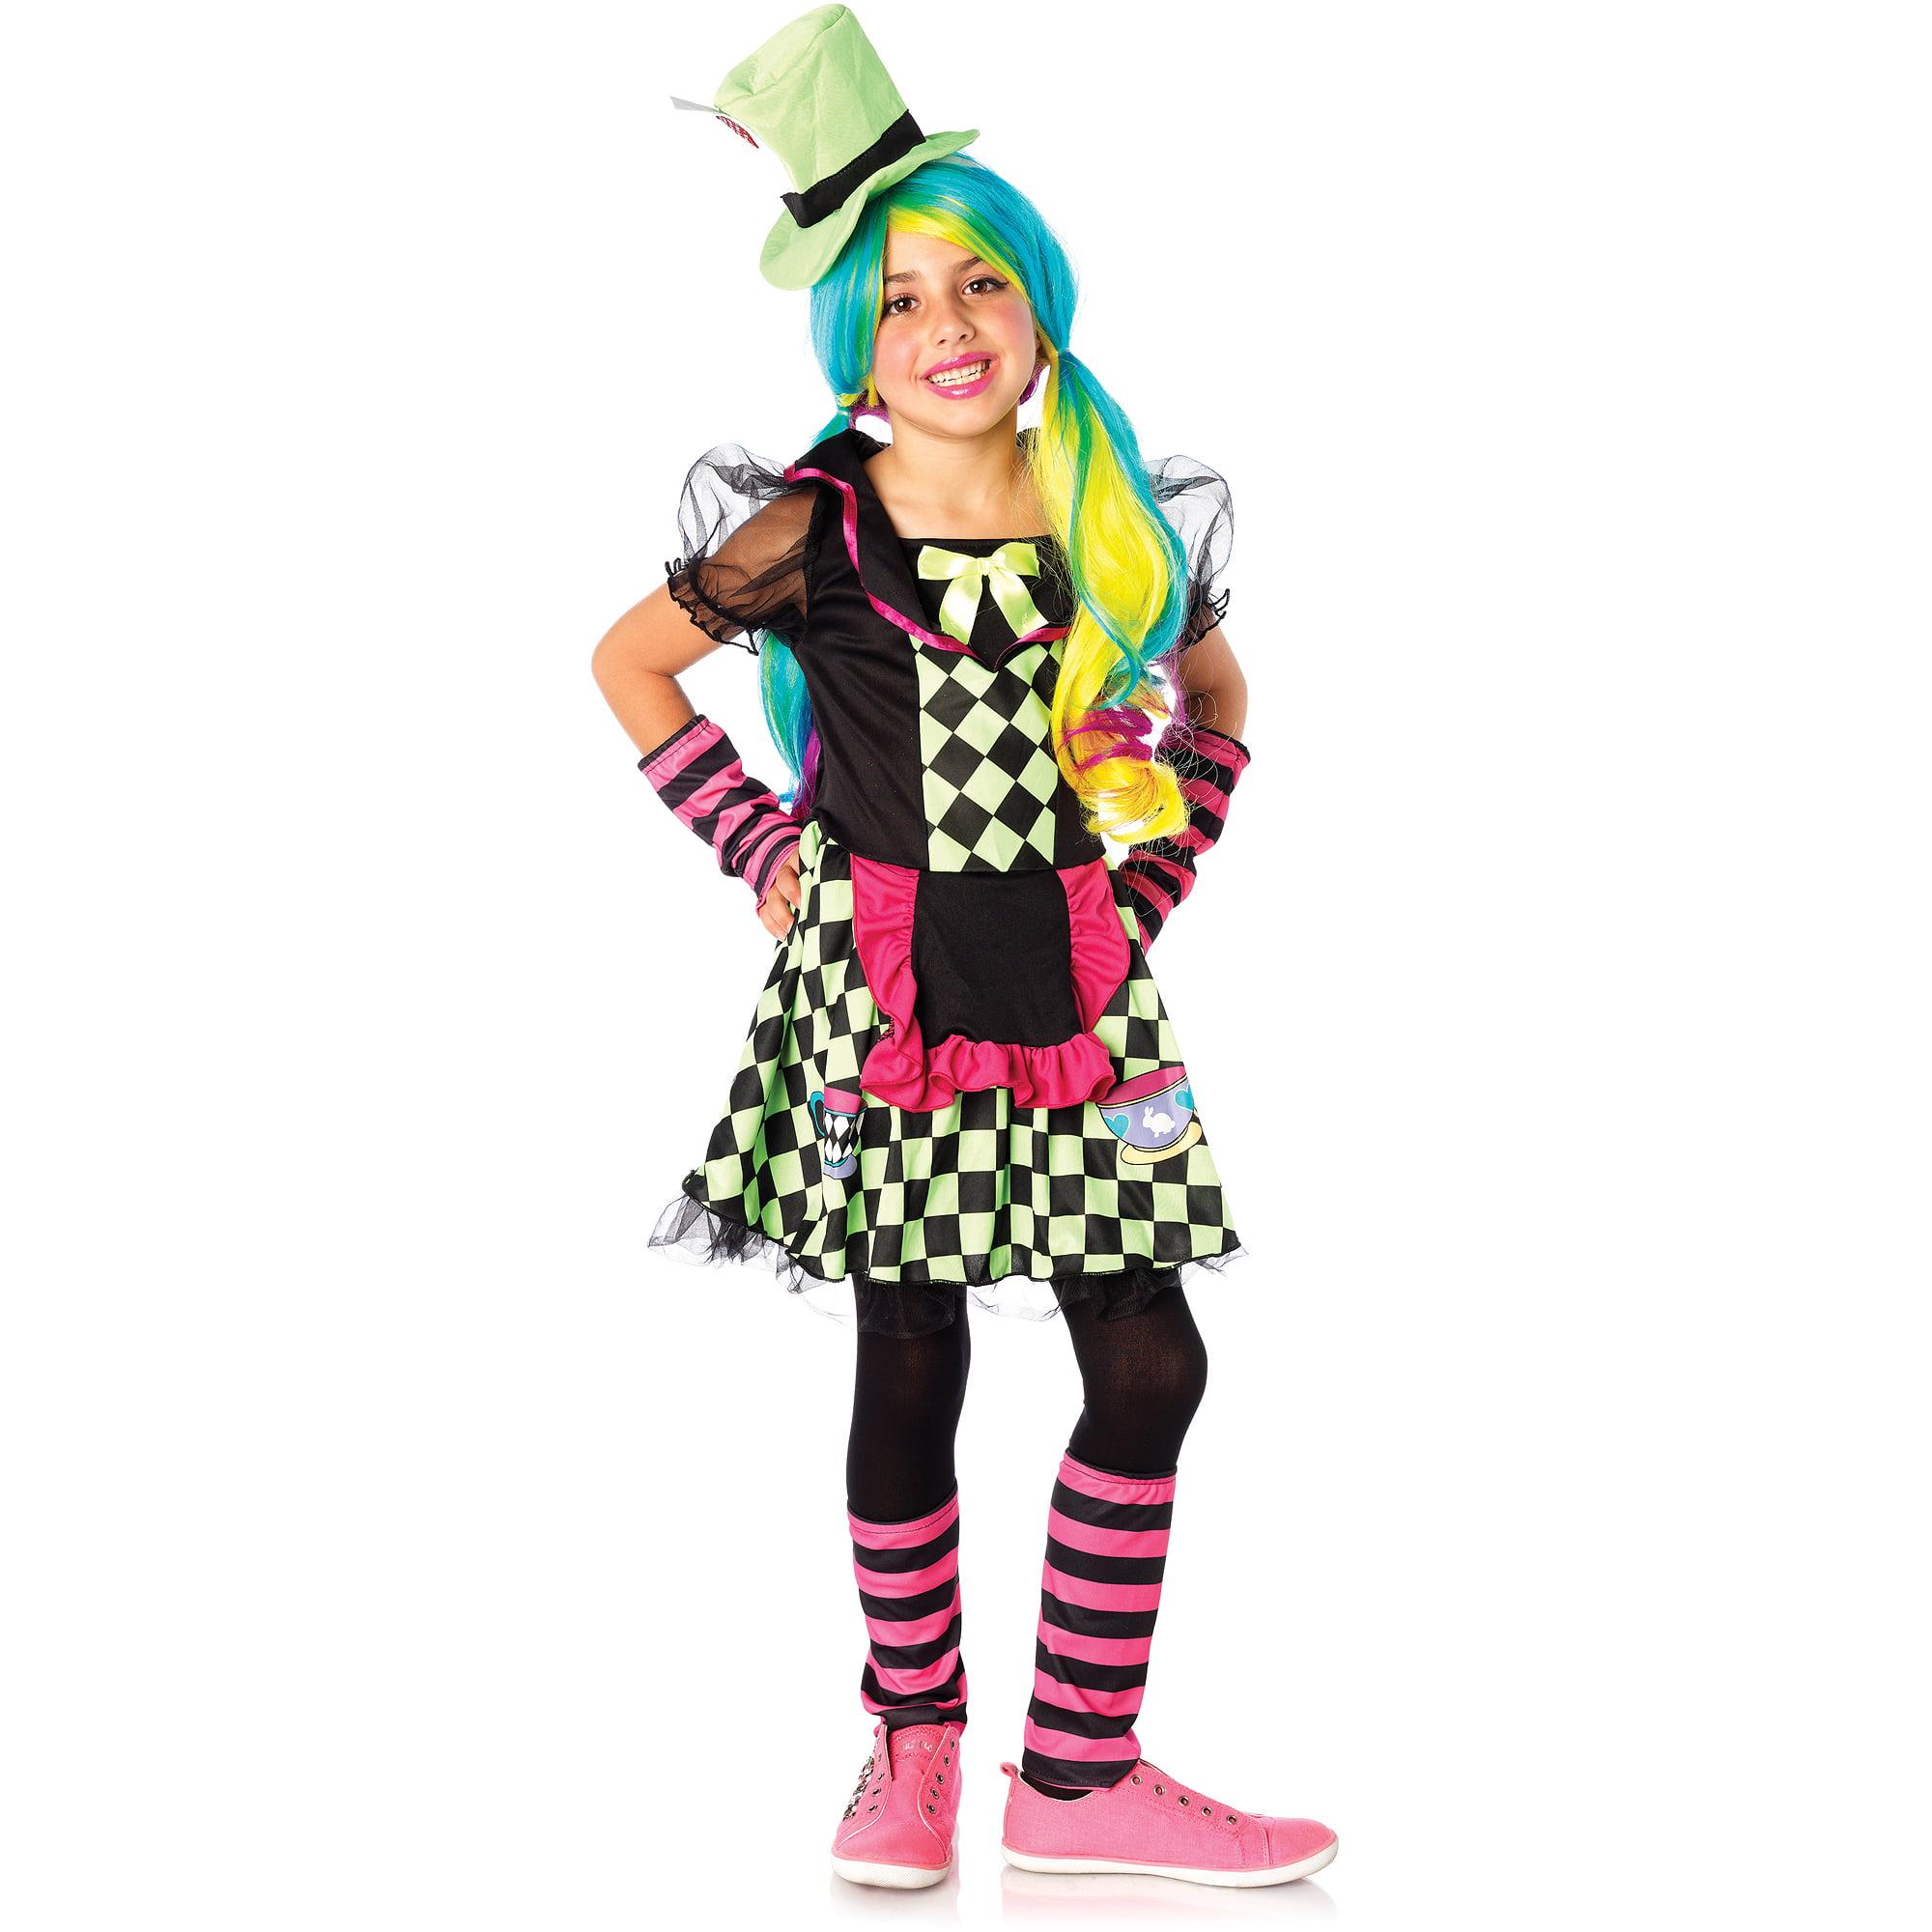 tea cup mad hatter child halloween costume walmartcom - Walmart Costumes Halloween Kids